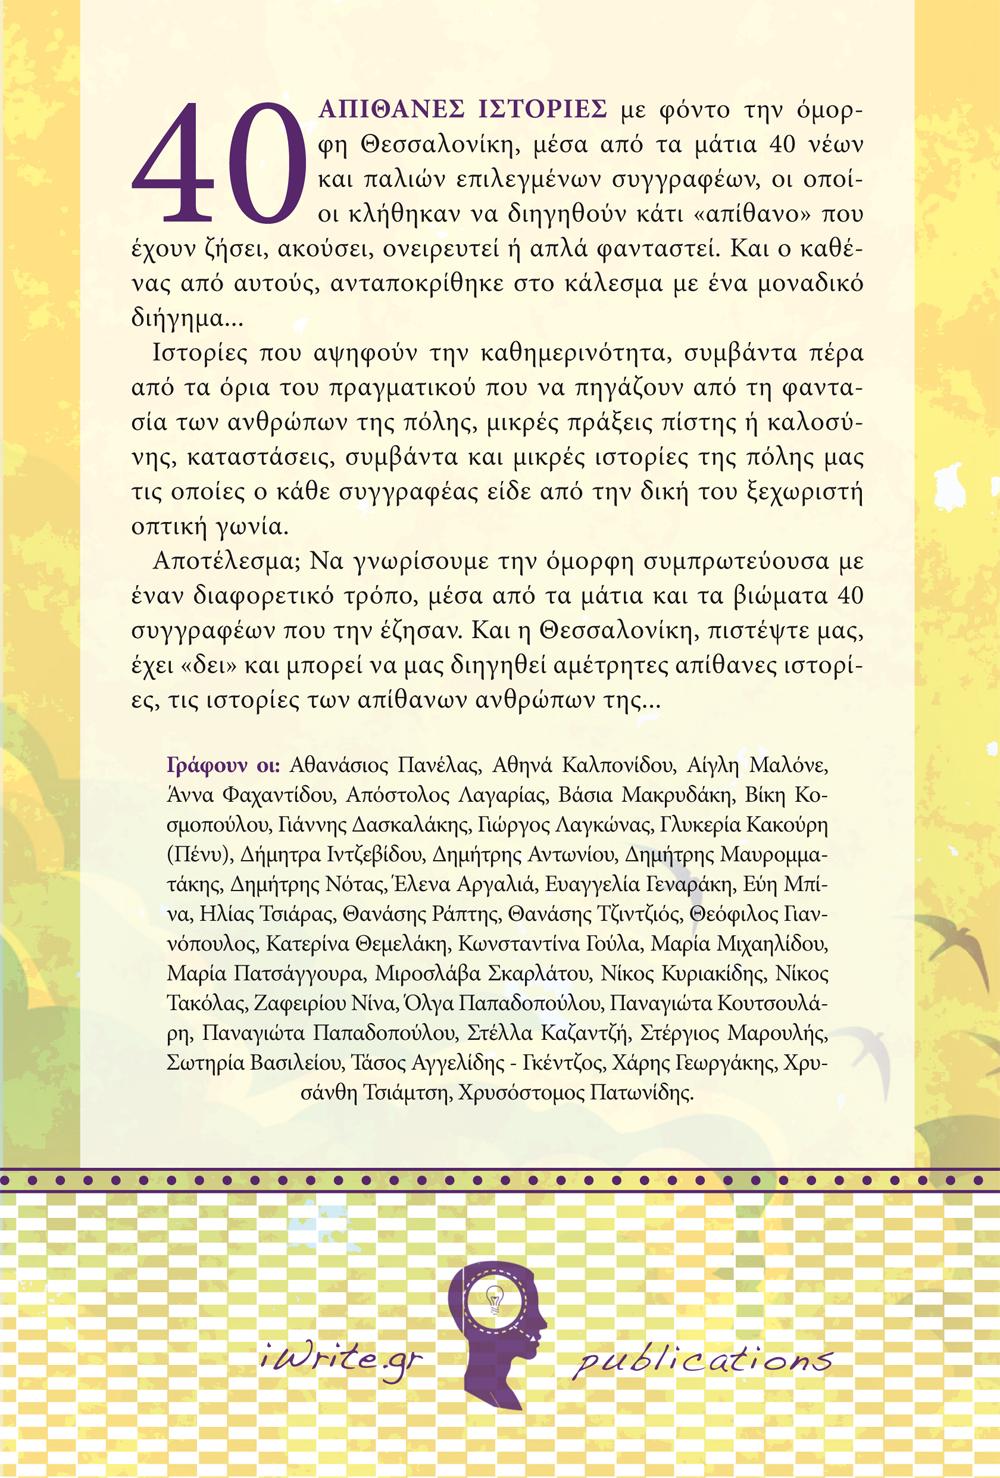 Οπισθόφυλλο, Απίθανες Ιστορίες, Εκδόσεις iWrite